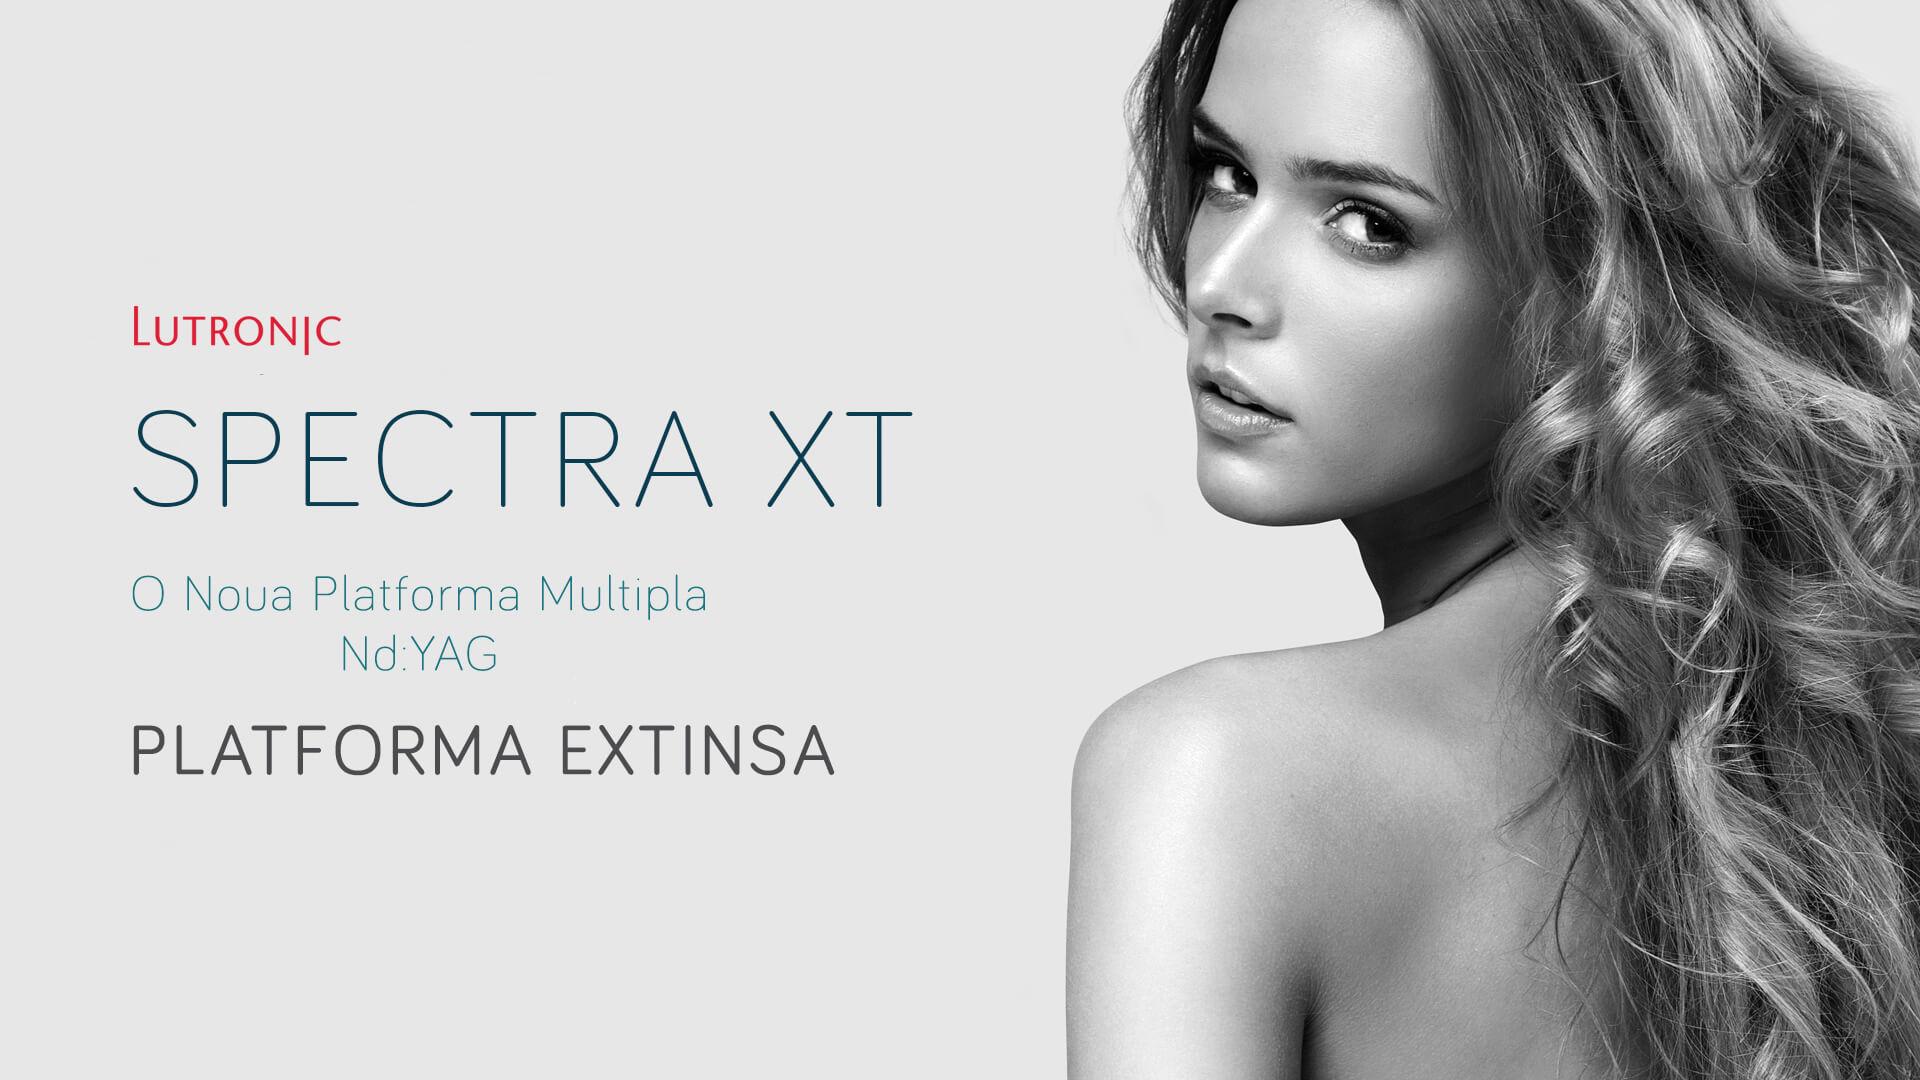 Spectra XT - Aparat Laser pentru clinici estetice